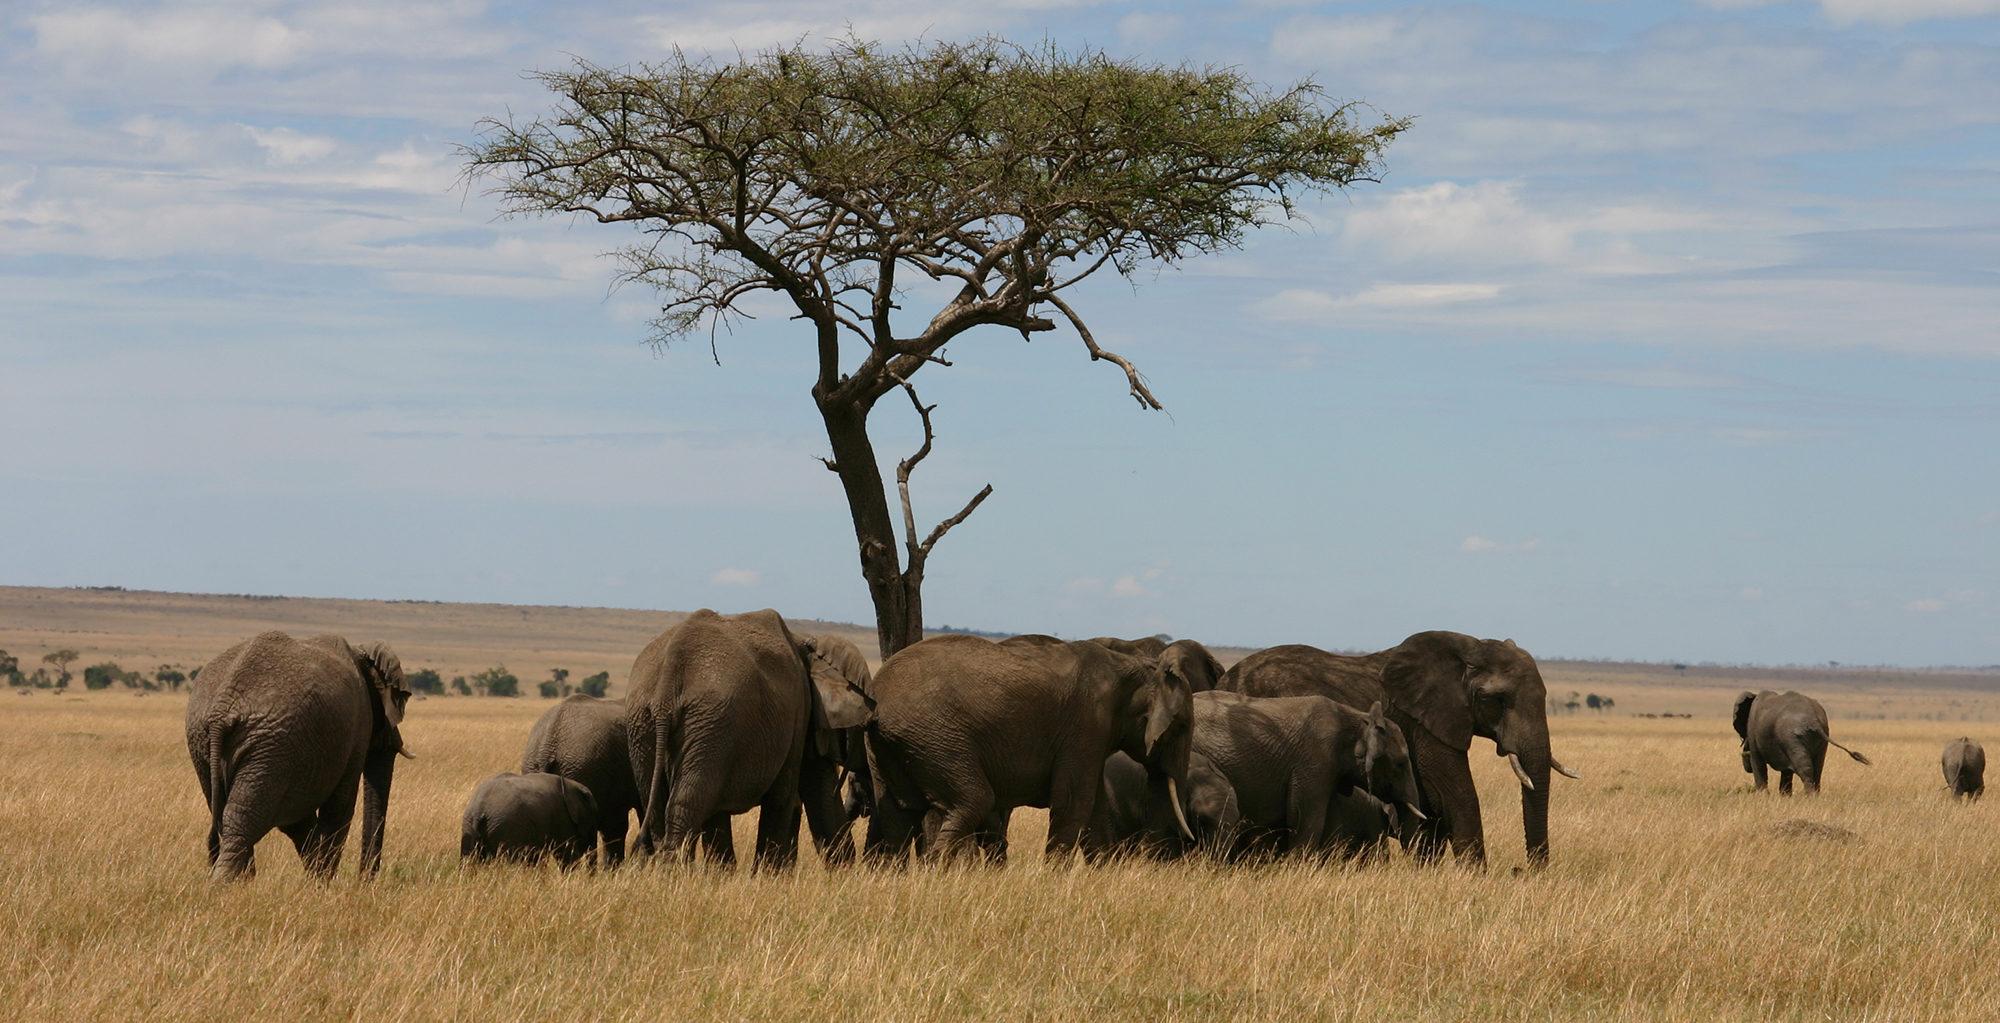 Kenya-Saruni-Mara-Elephants